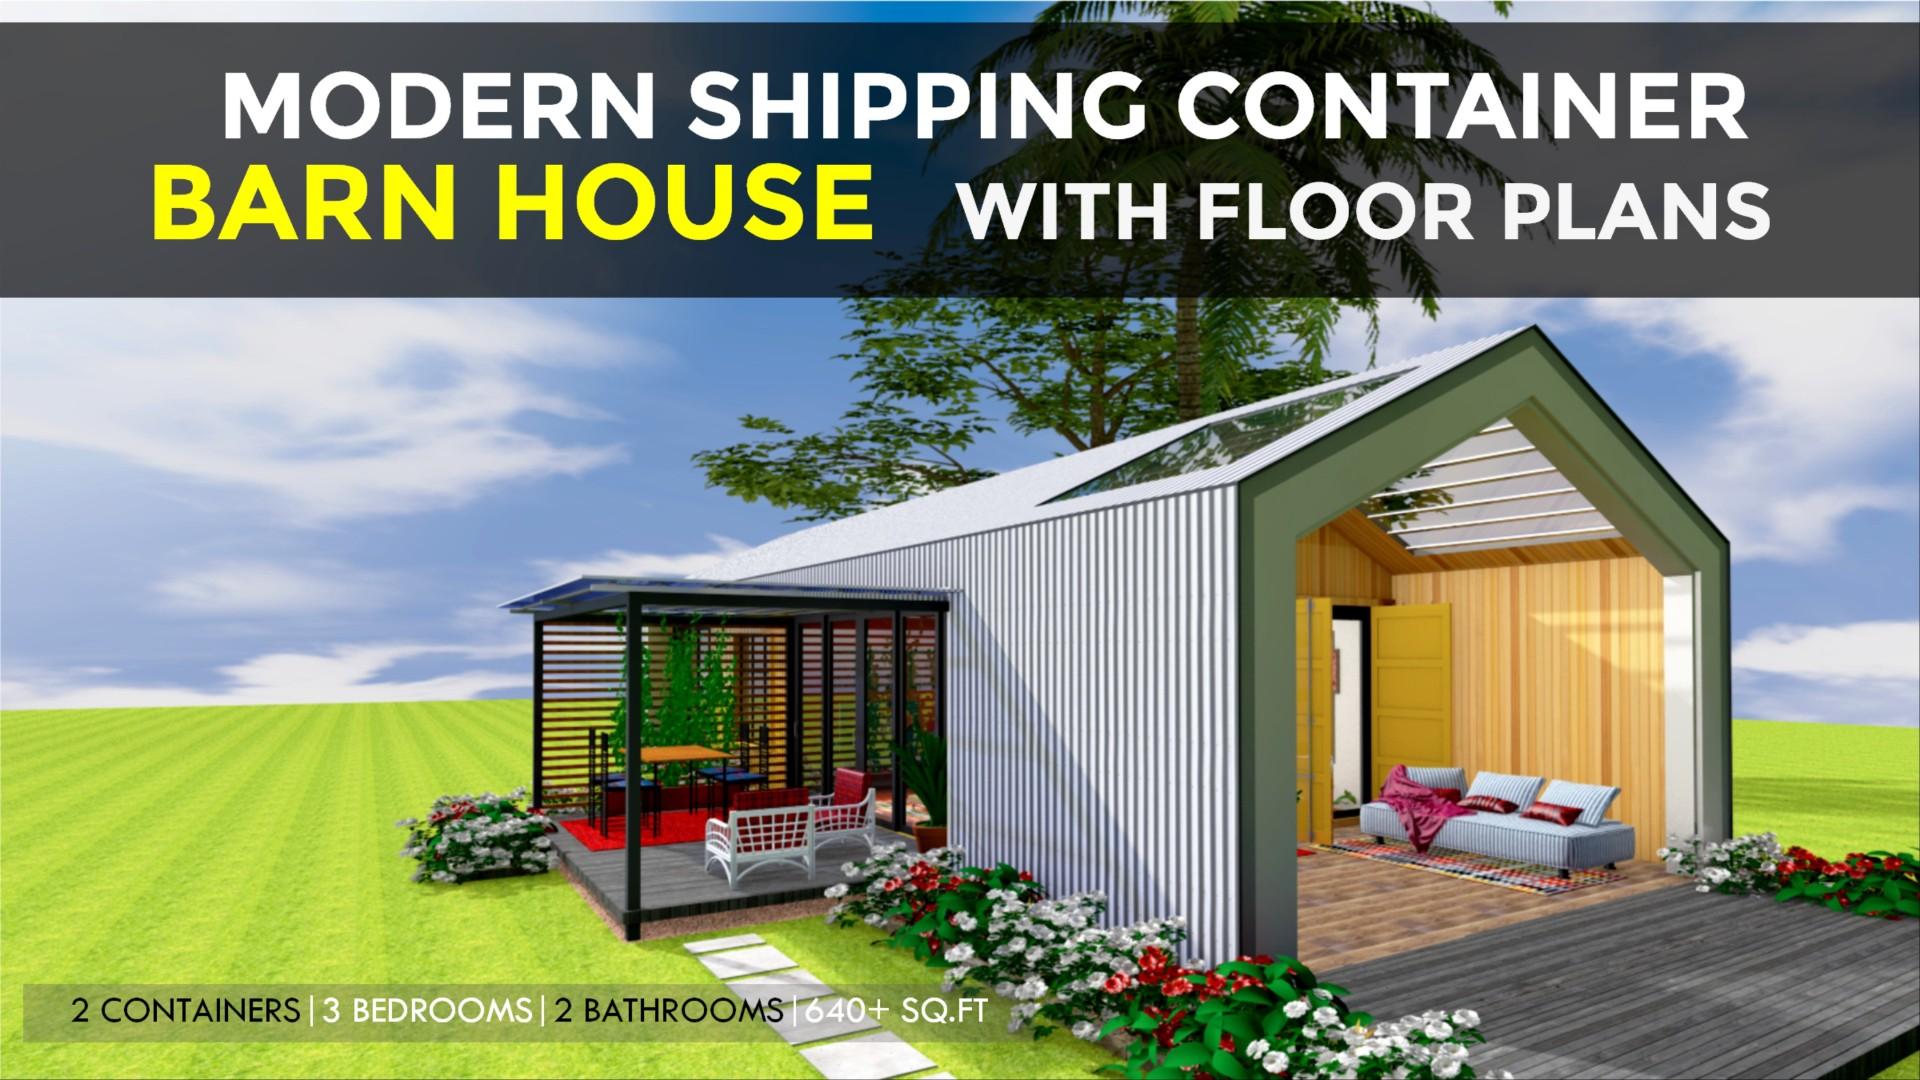 BARNBOX-640-shipping-contaiiner-barn-house